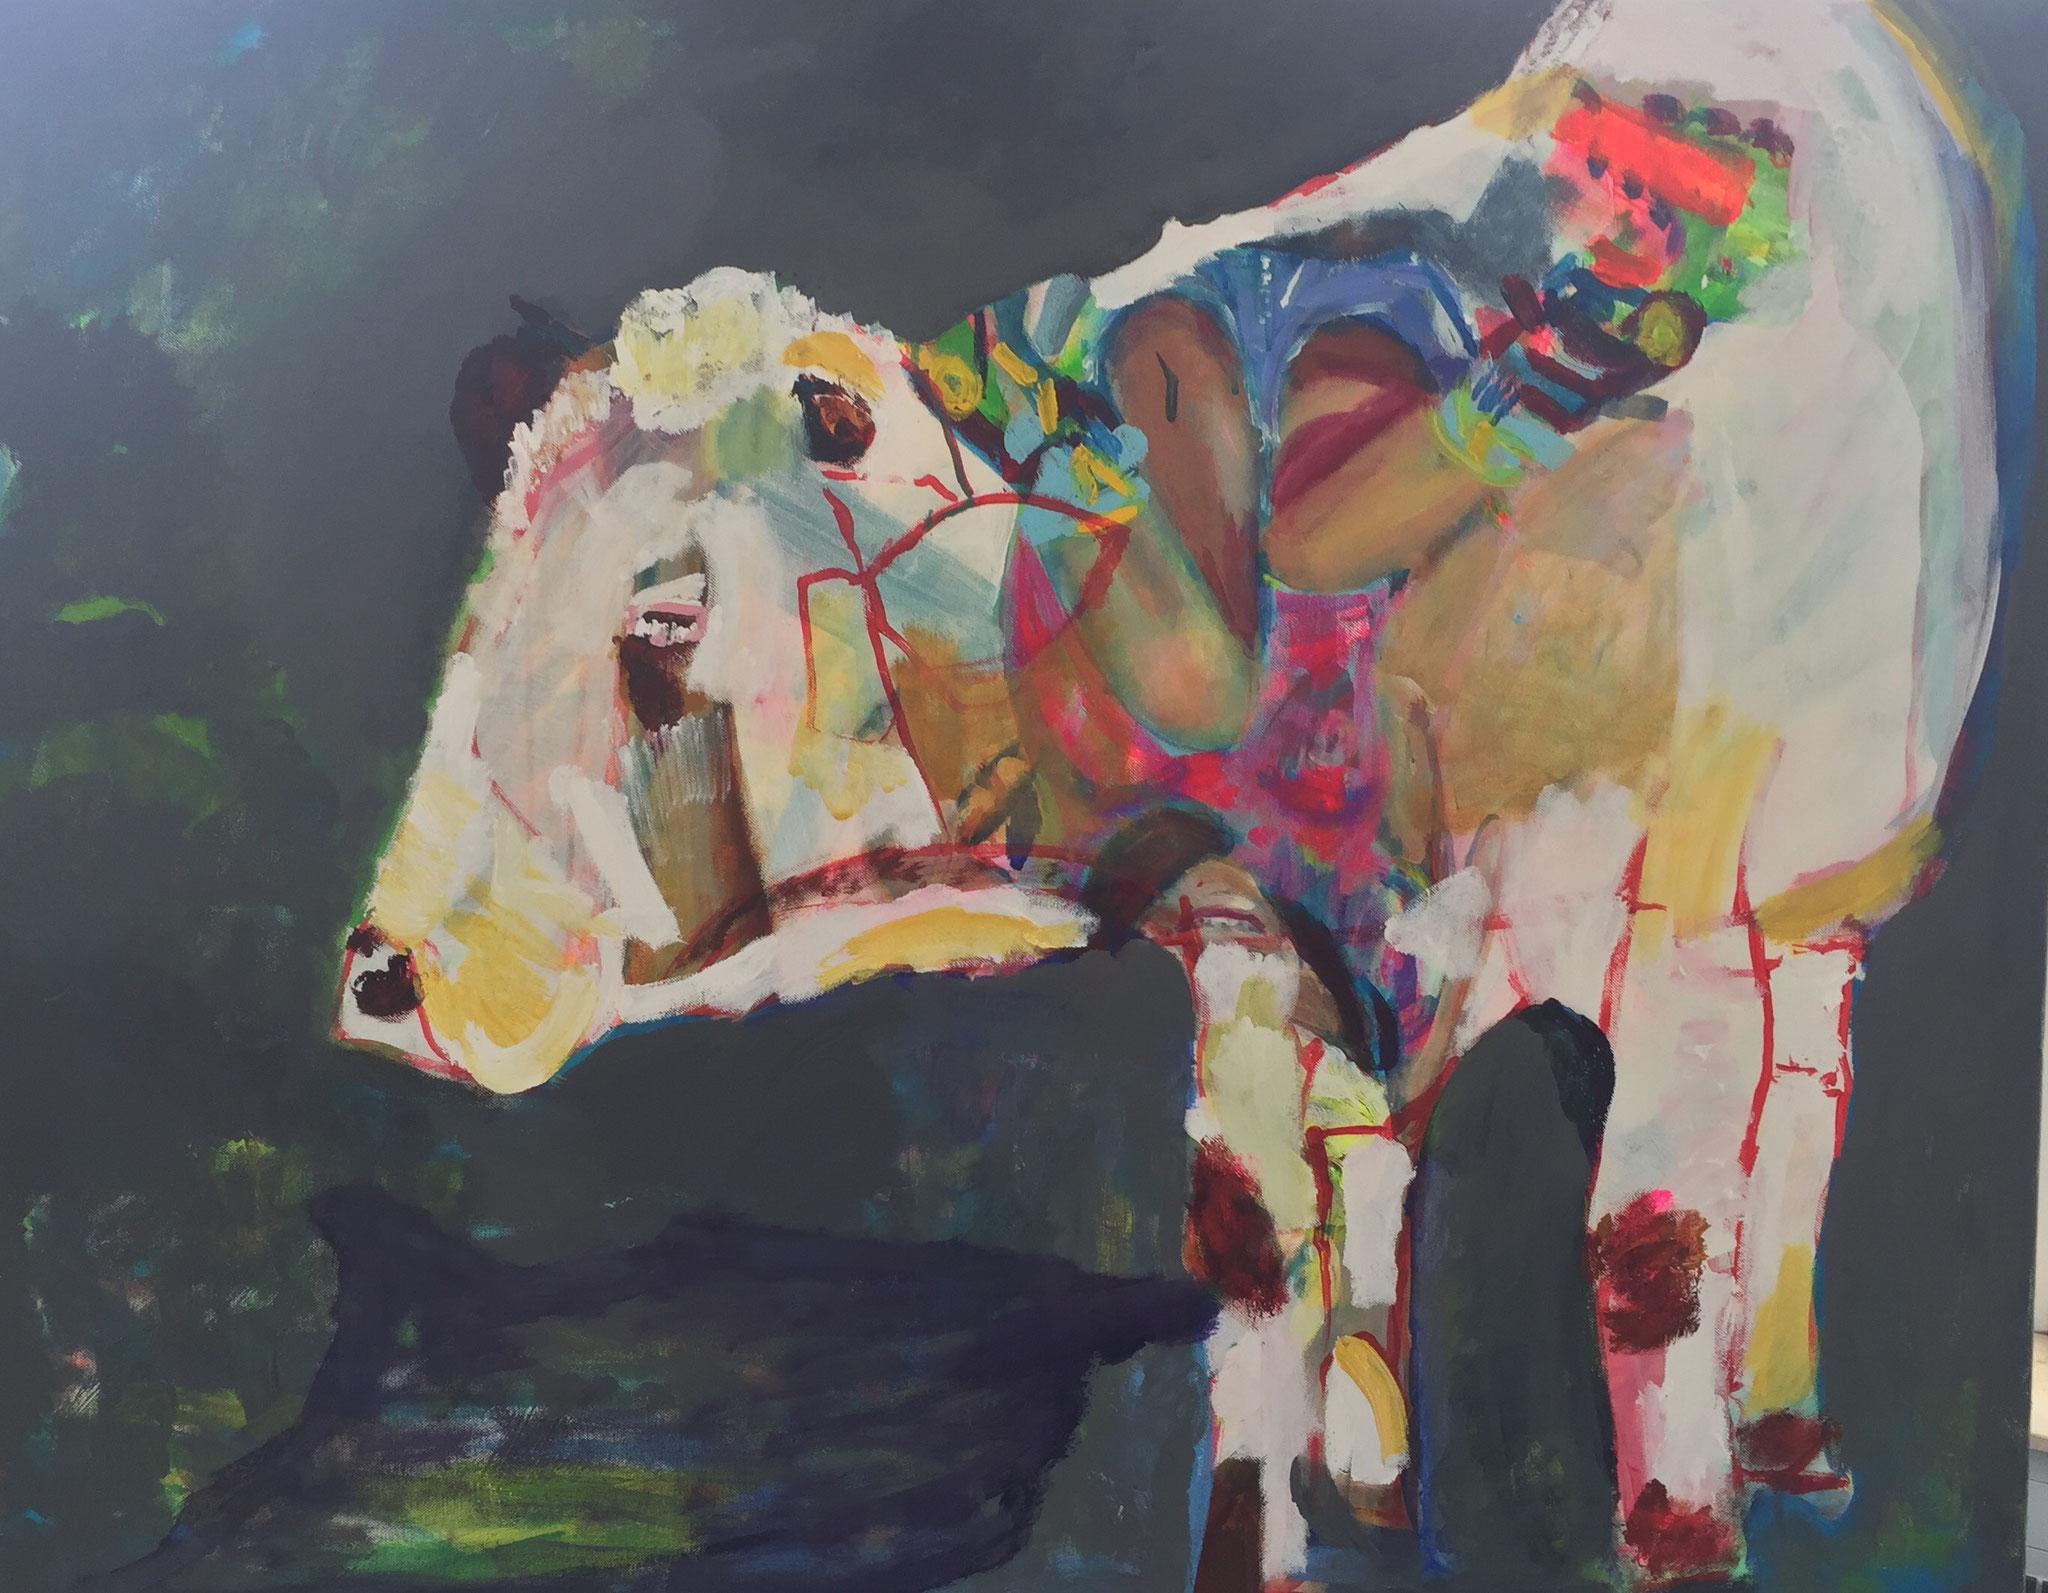 Gehörnt 4, 80x100, acrylic on canvas